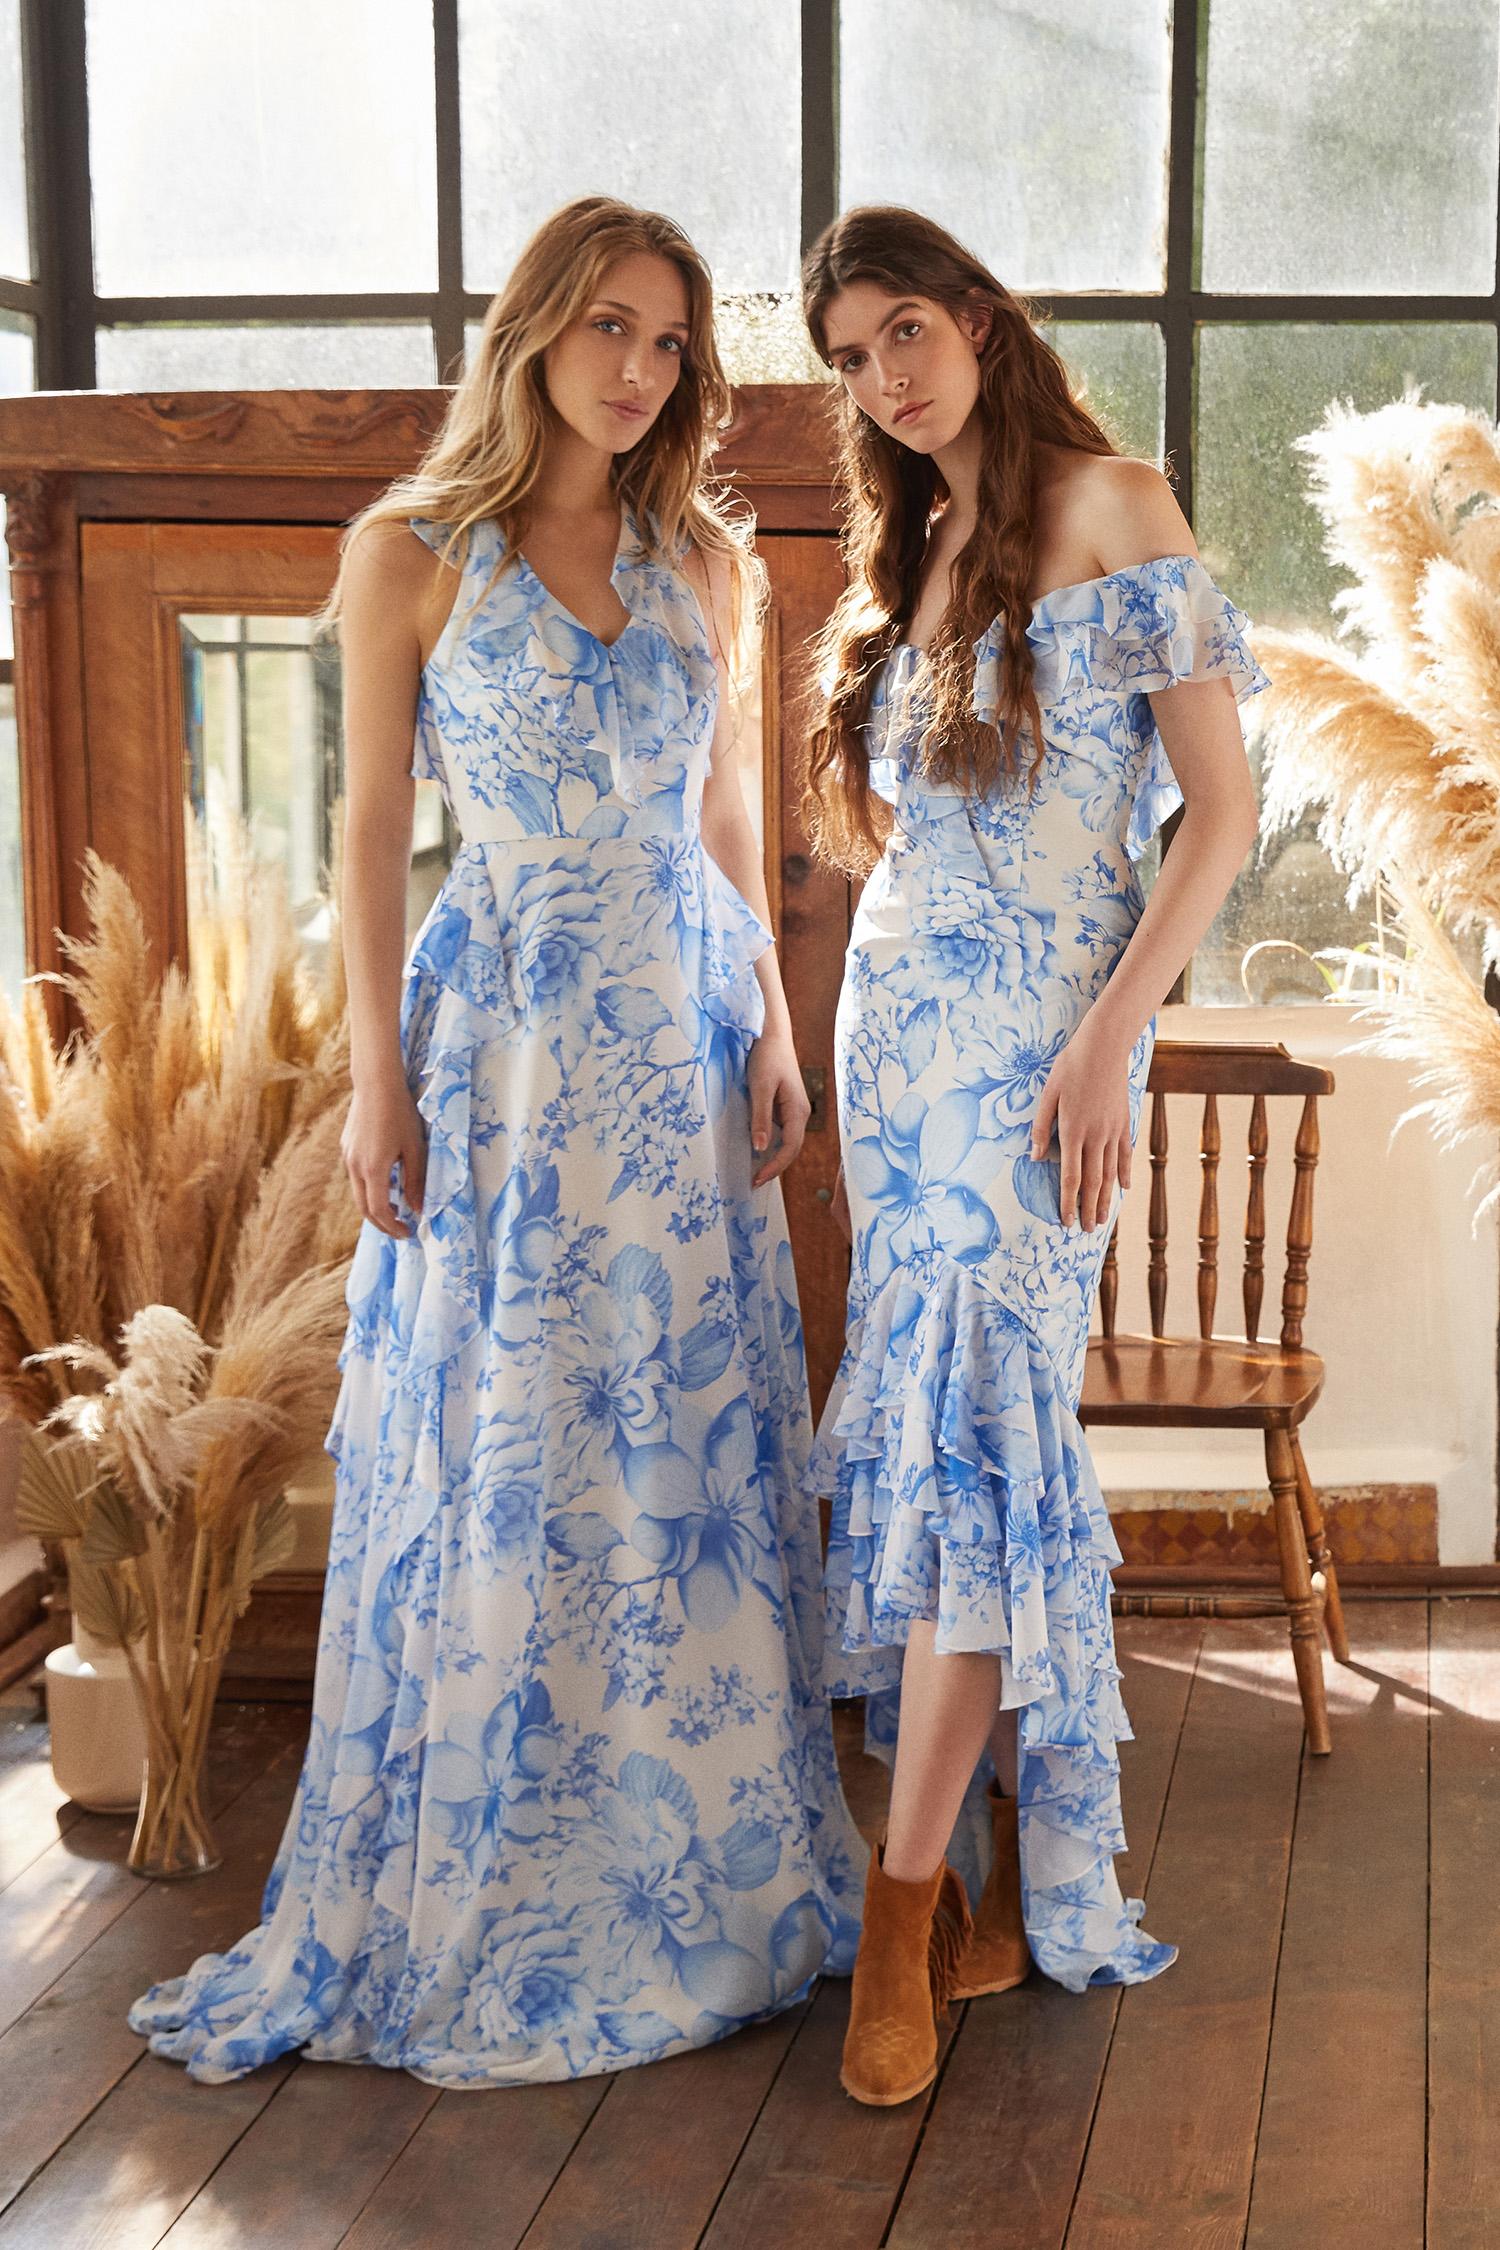 Mavi Çiçek Desenli Kayık Yaka Önü Kısa Arkası Uzun Şifon Elbise - Thumbnail